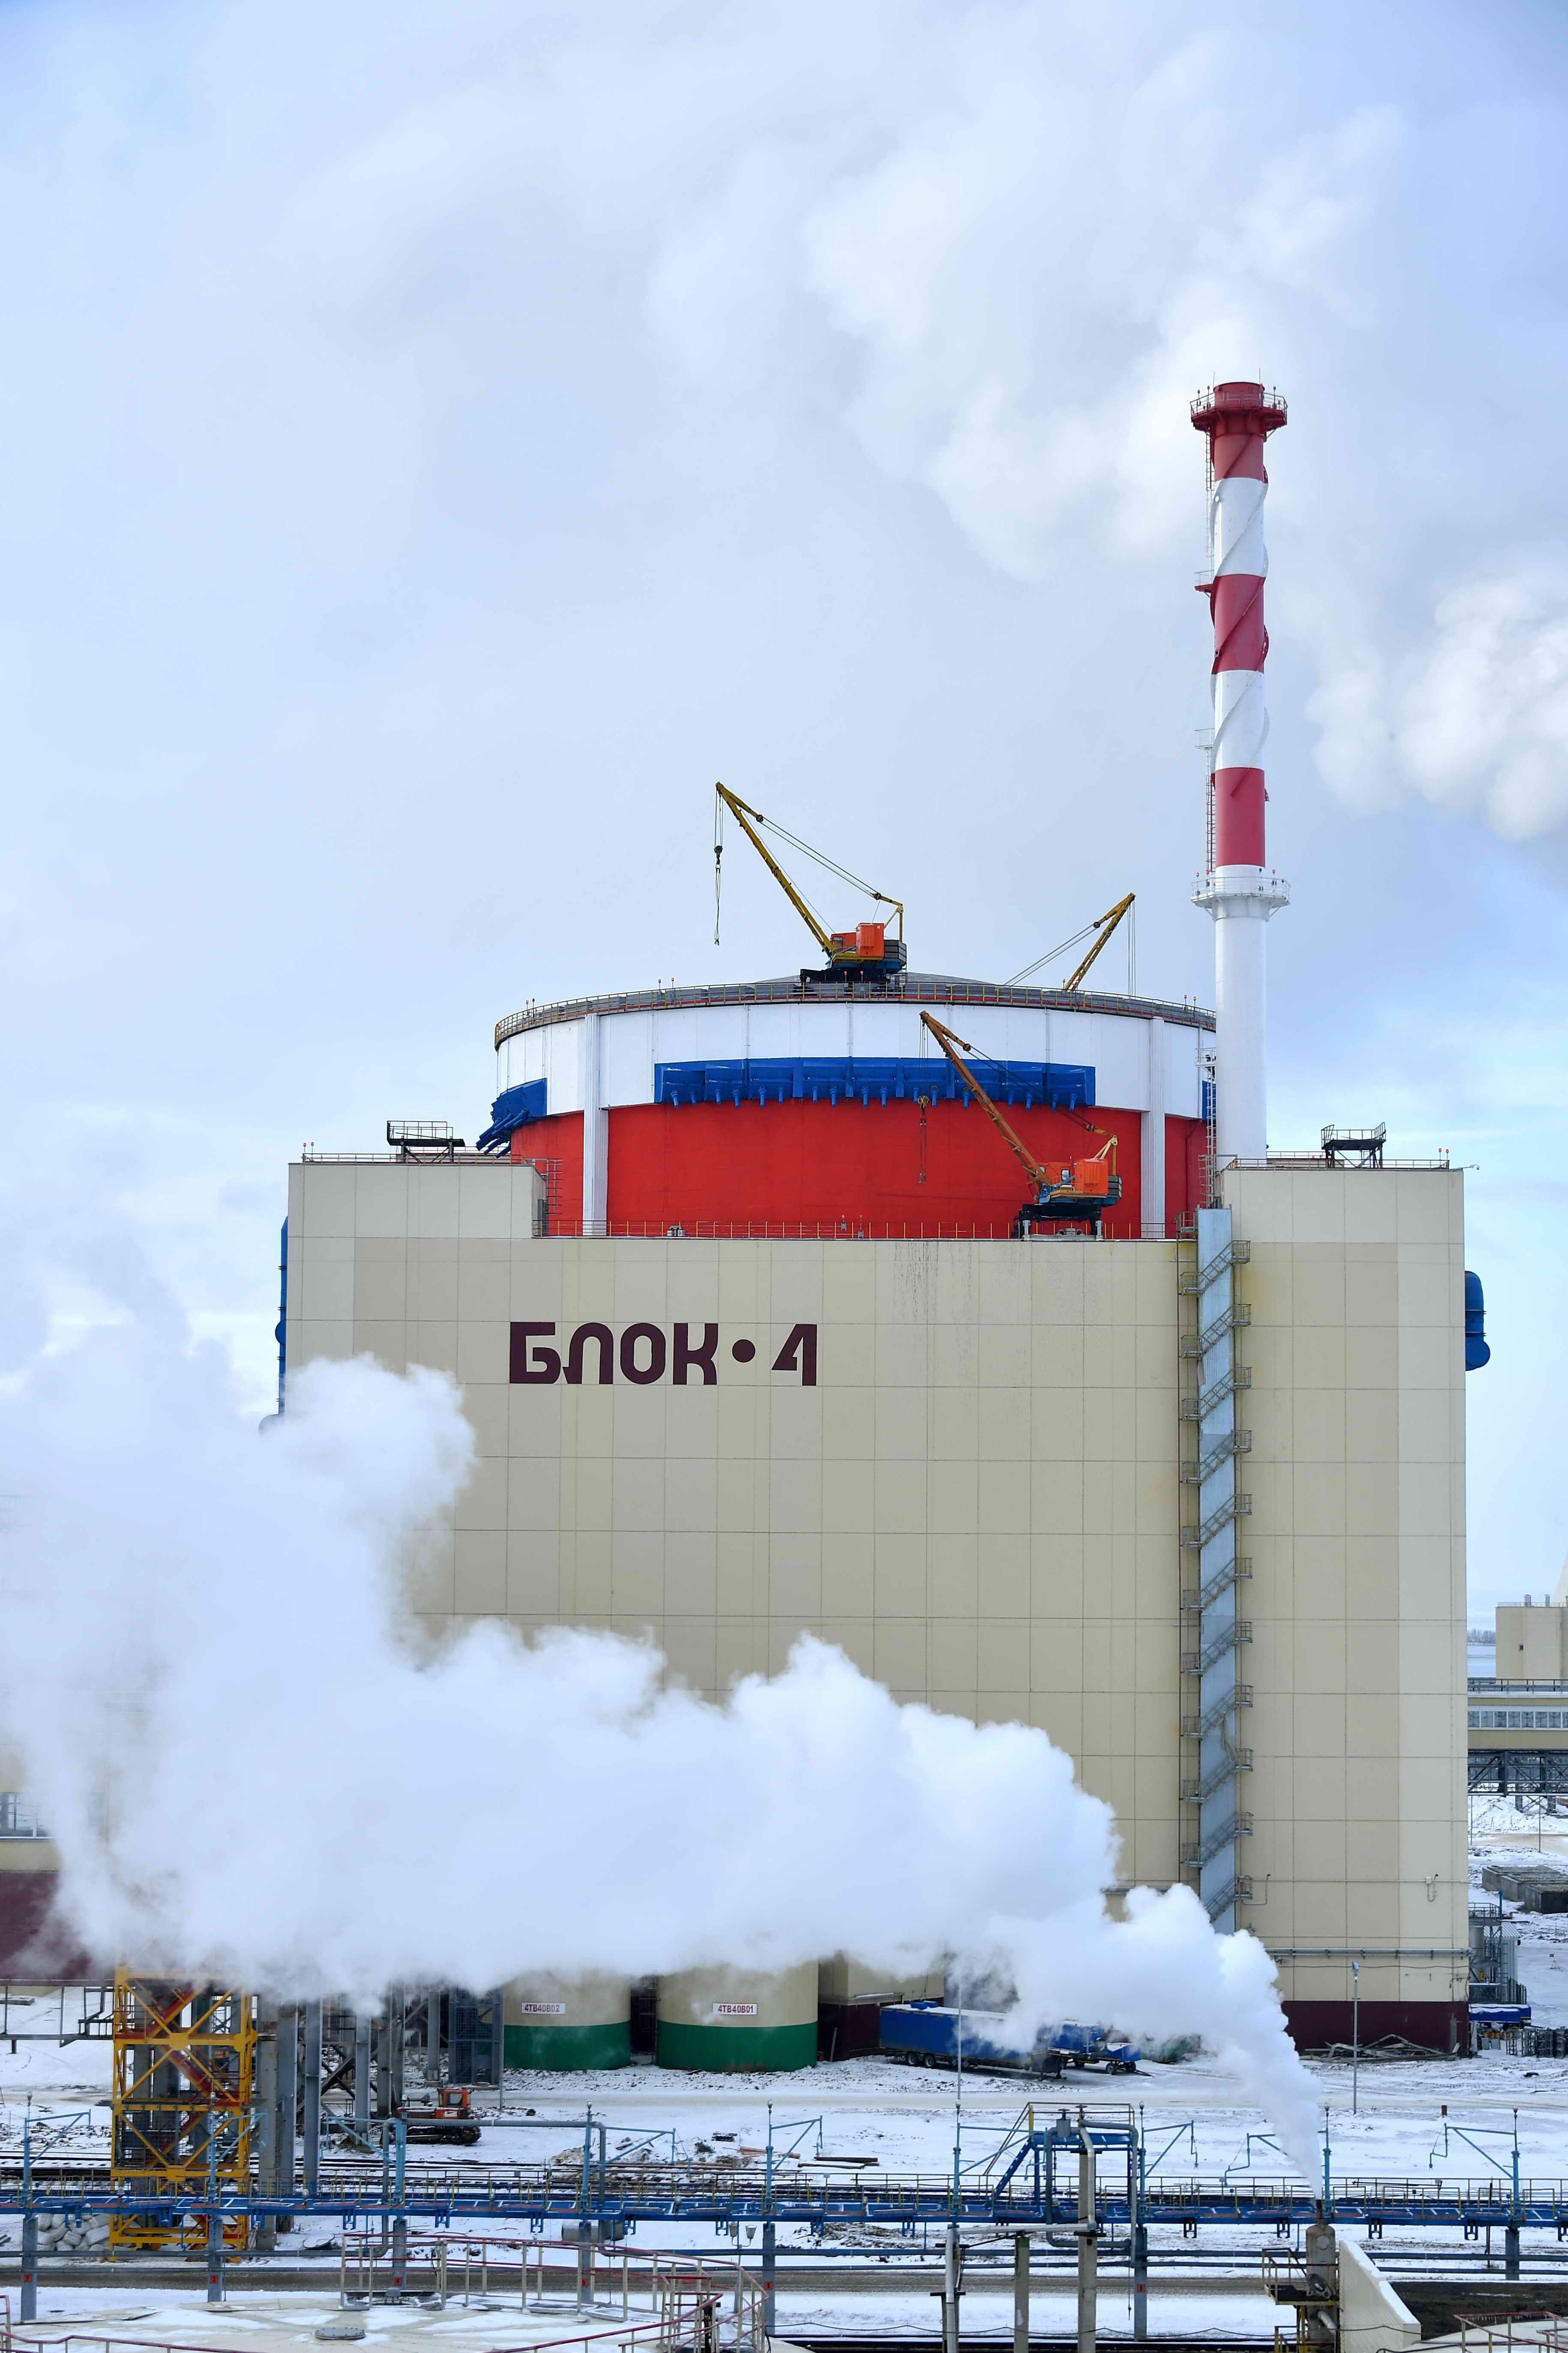 Плановый ремонт на энергоблоке №4 Ростовской АЭС завершен с опережением графика